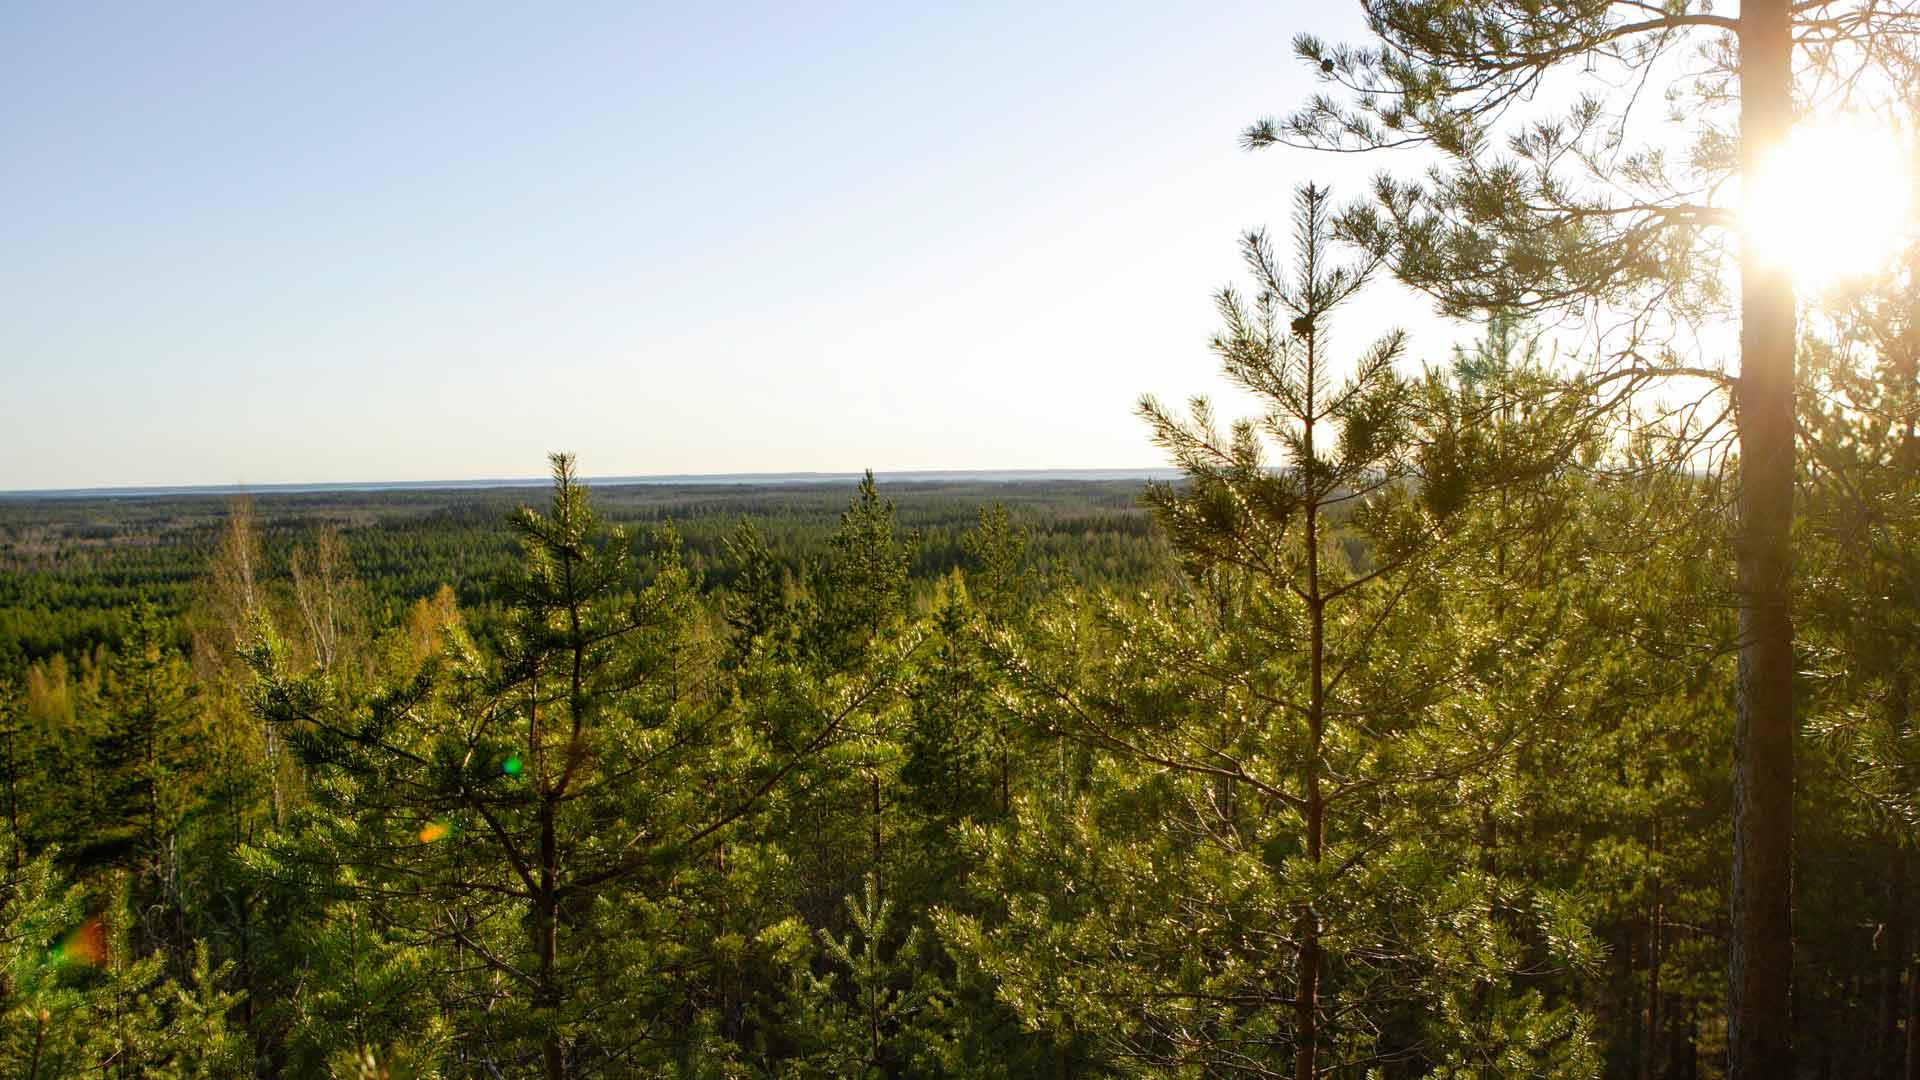 Vielä on yksi, joka ei huoju eikä horju. Suomen luonto on avoinna vuorokauden ympäri.